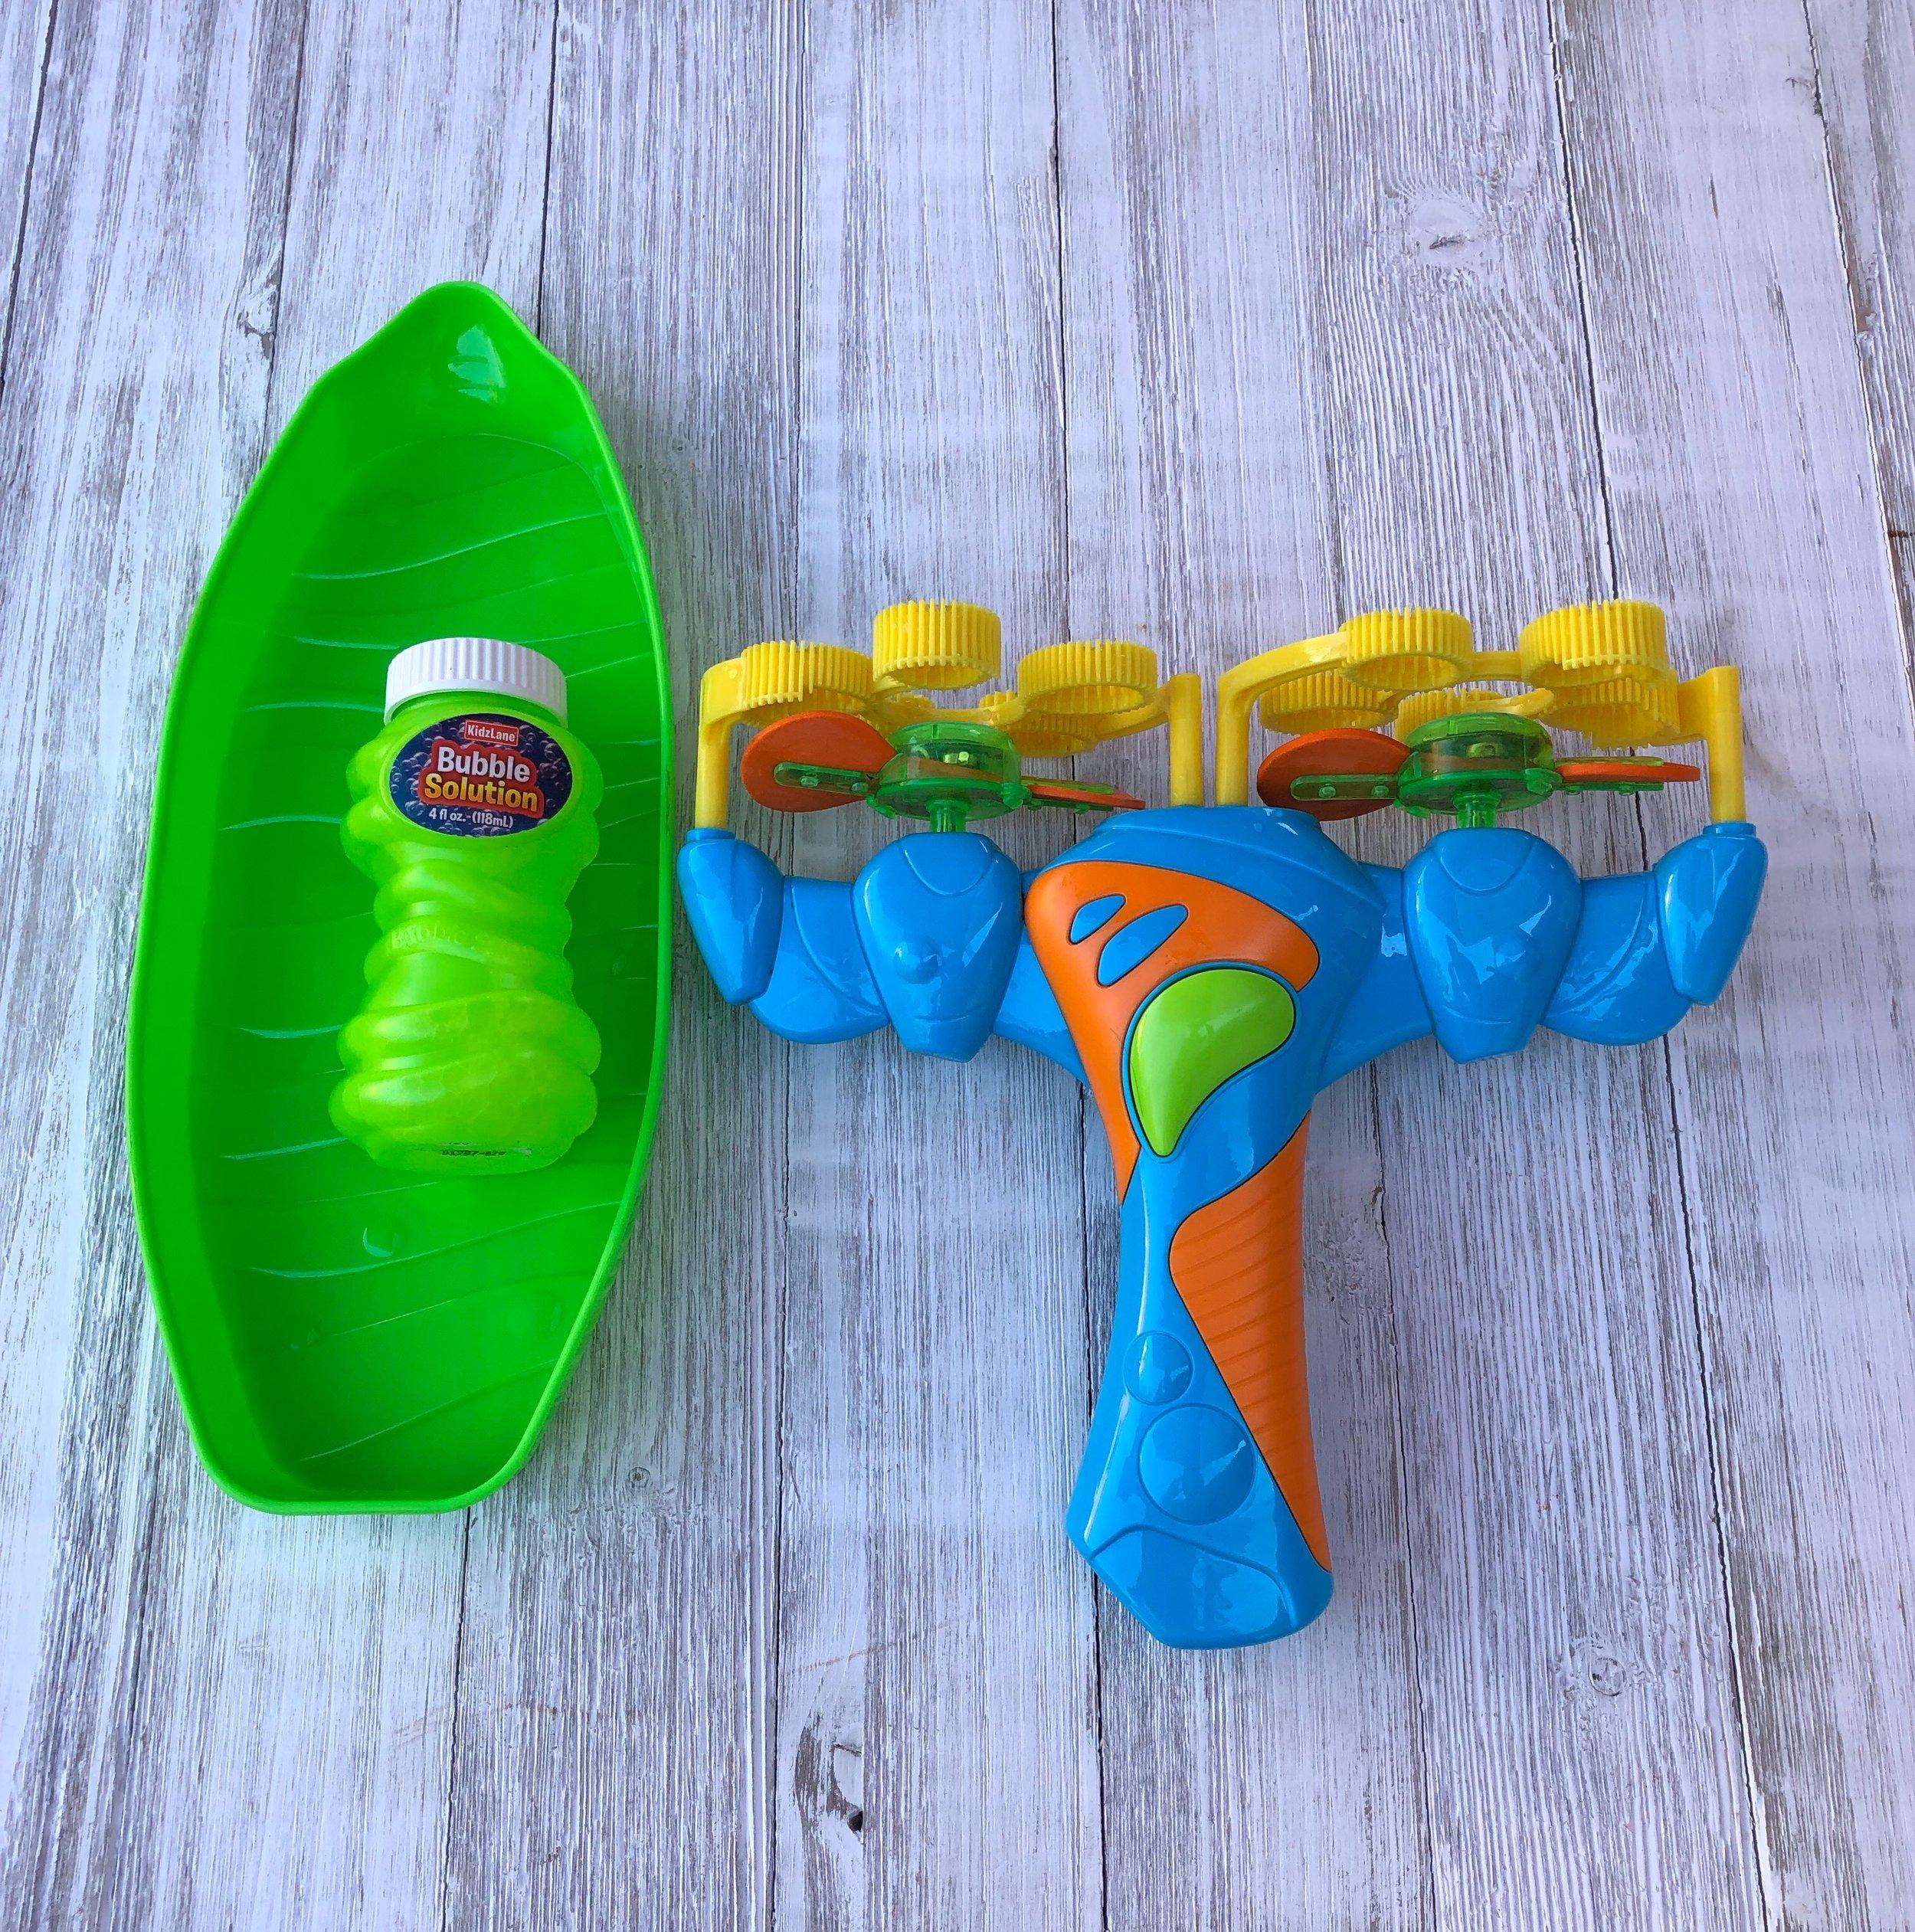 Kidzlane Light-Up Bubble Blaster Review. #Kidzlane #toys #toyreview